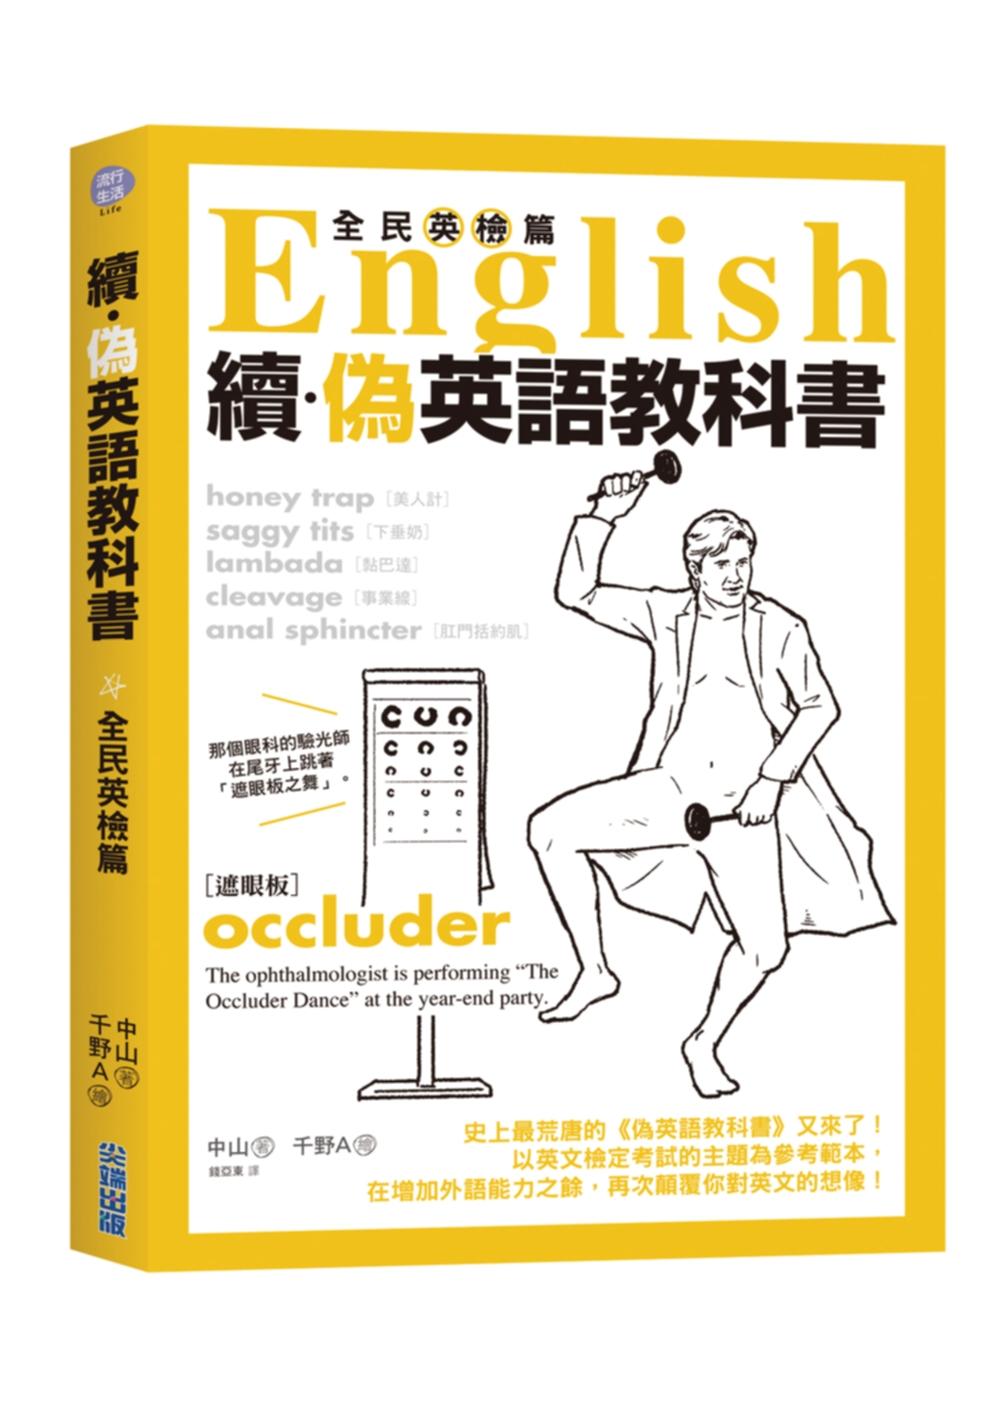 續‧偽英語教科書【全民英檢篇】